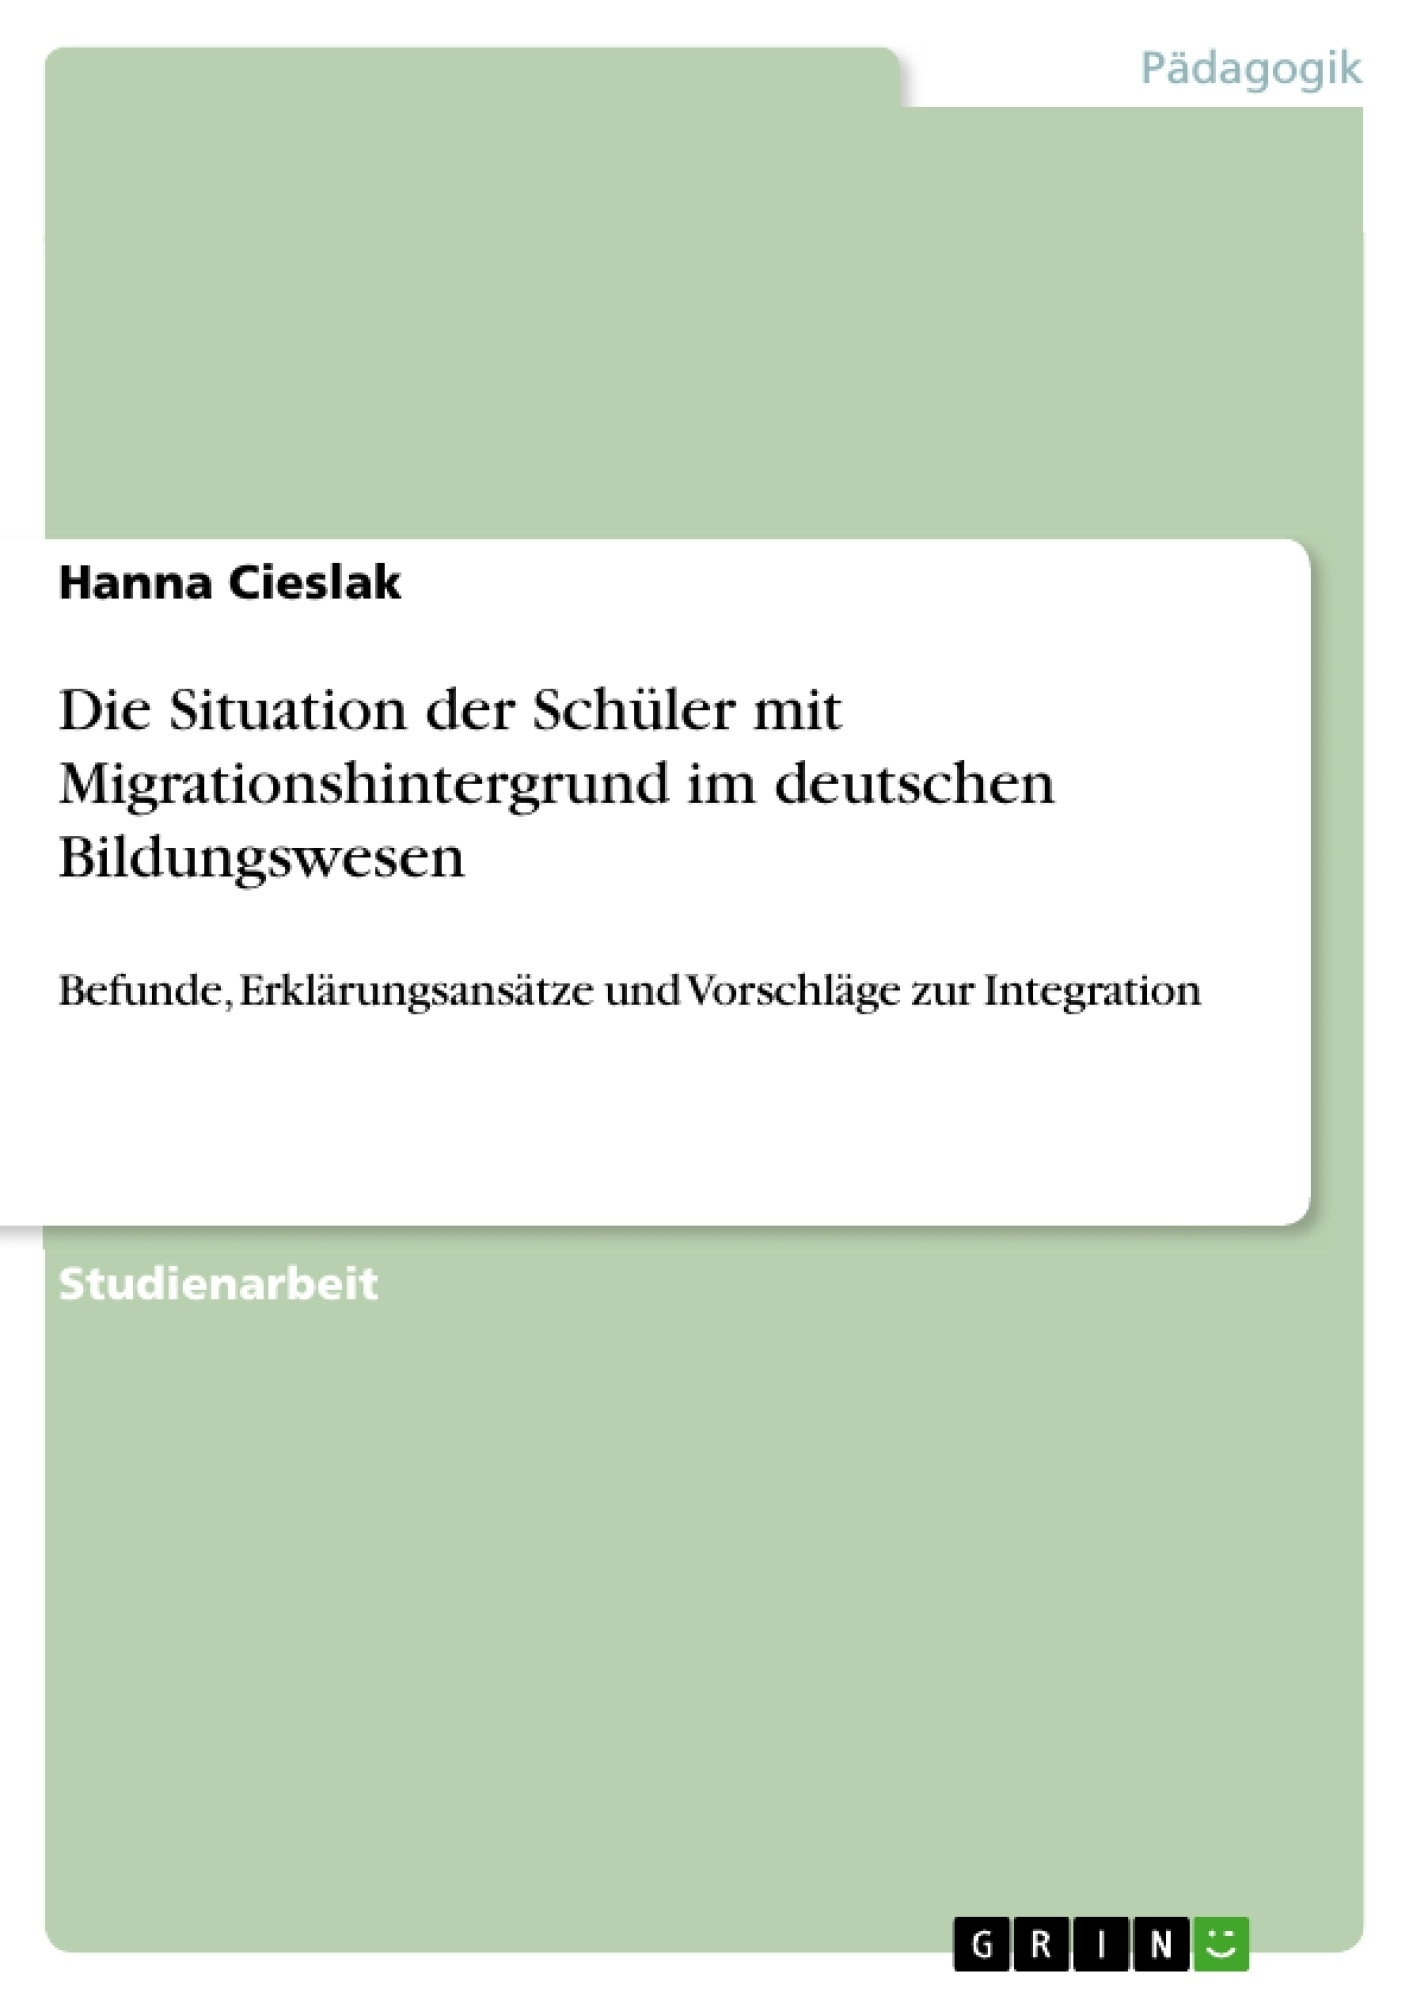 Titel: Die Situation der Schüler mit Migrationshintergrund im deutschen Bildungswesen